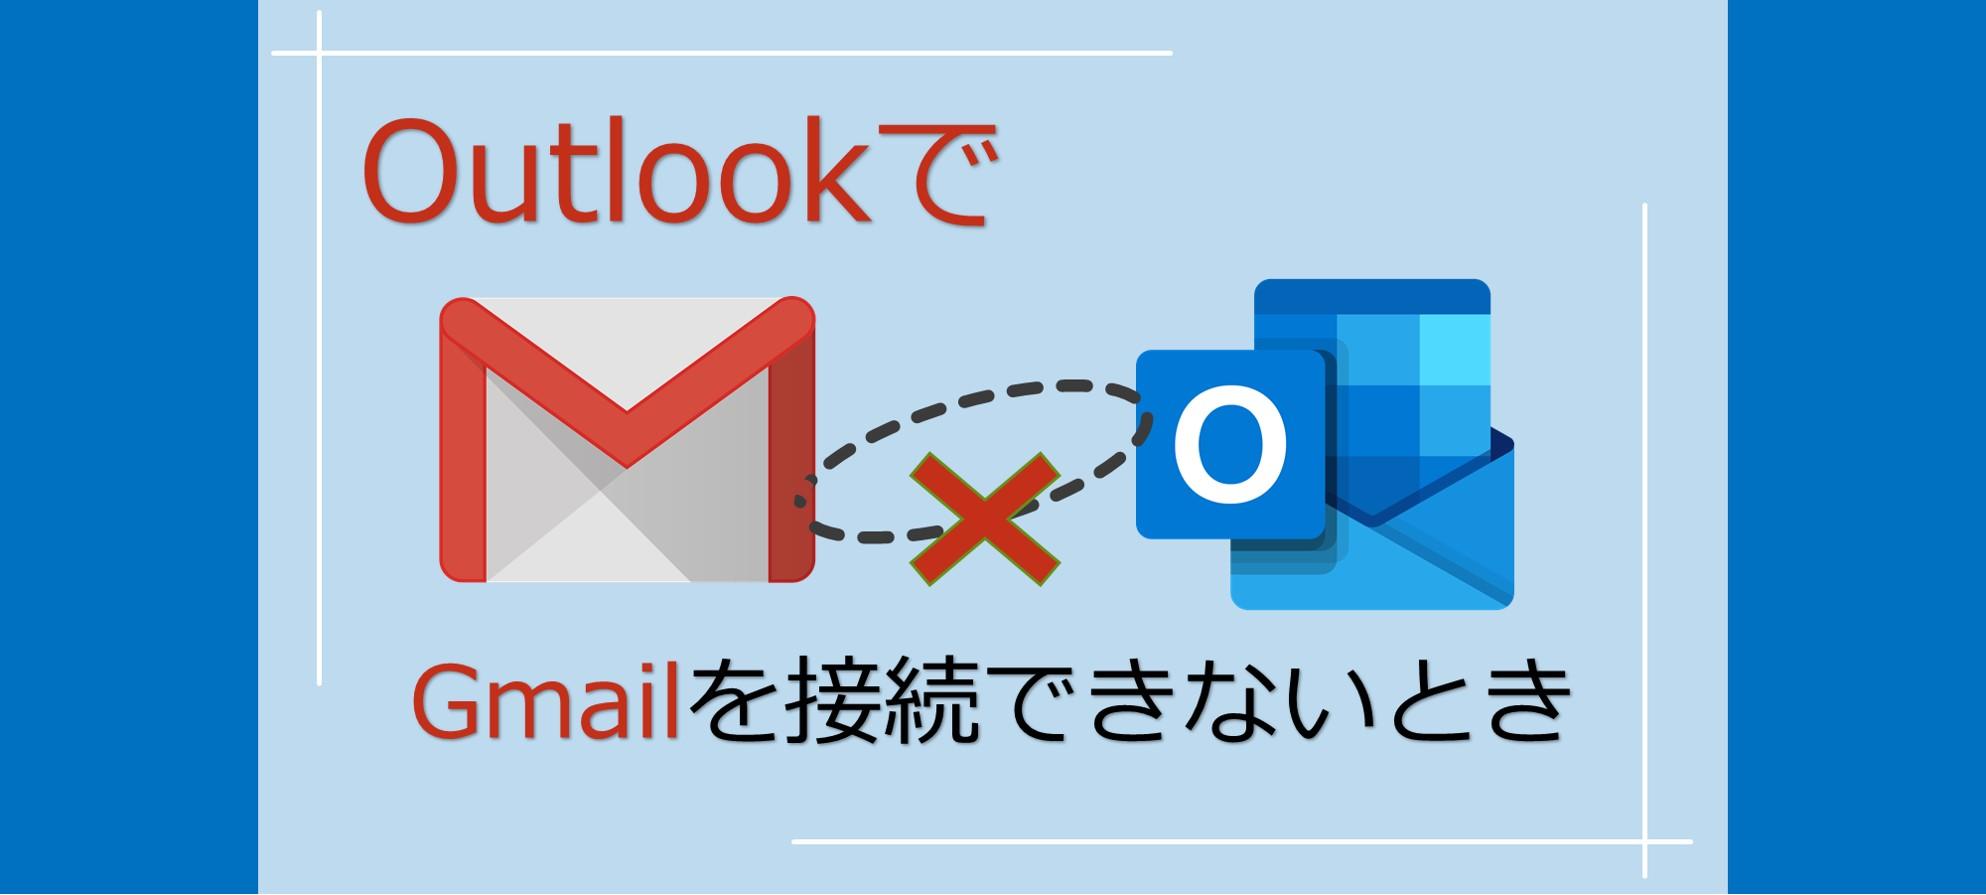 OutlookアプリにGmailアドレスを接続できないときの対策